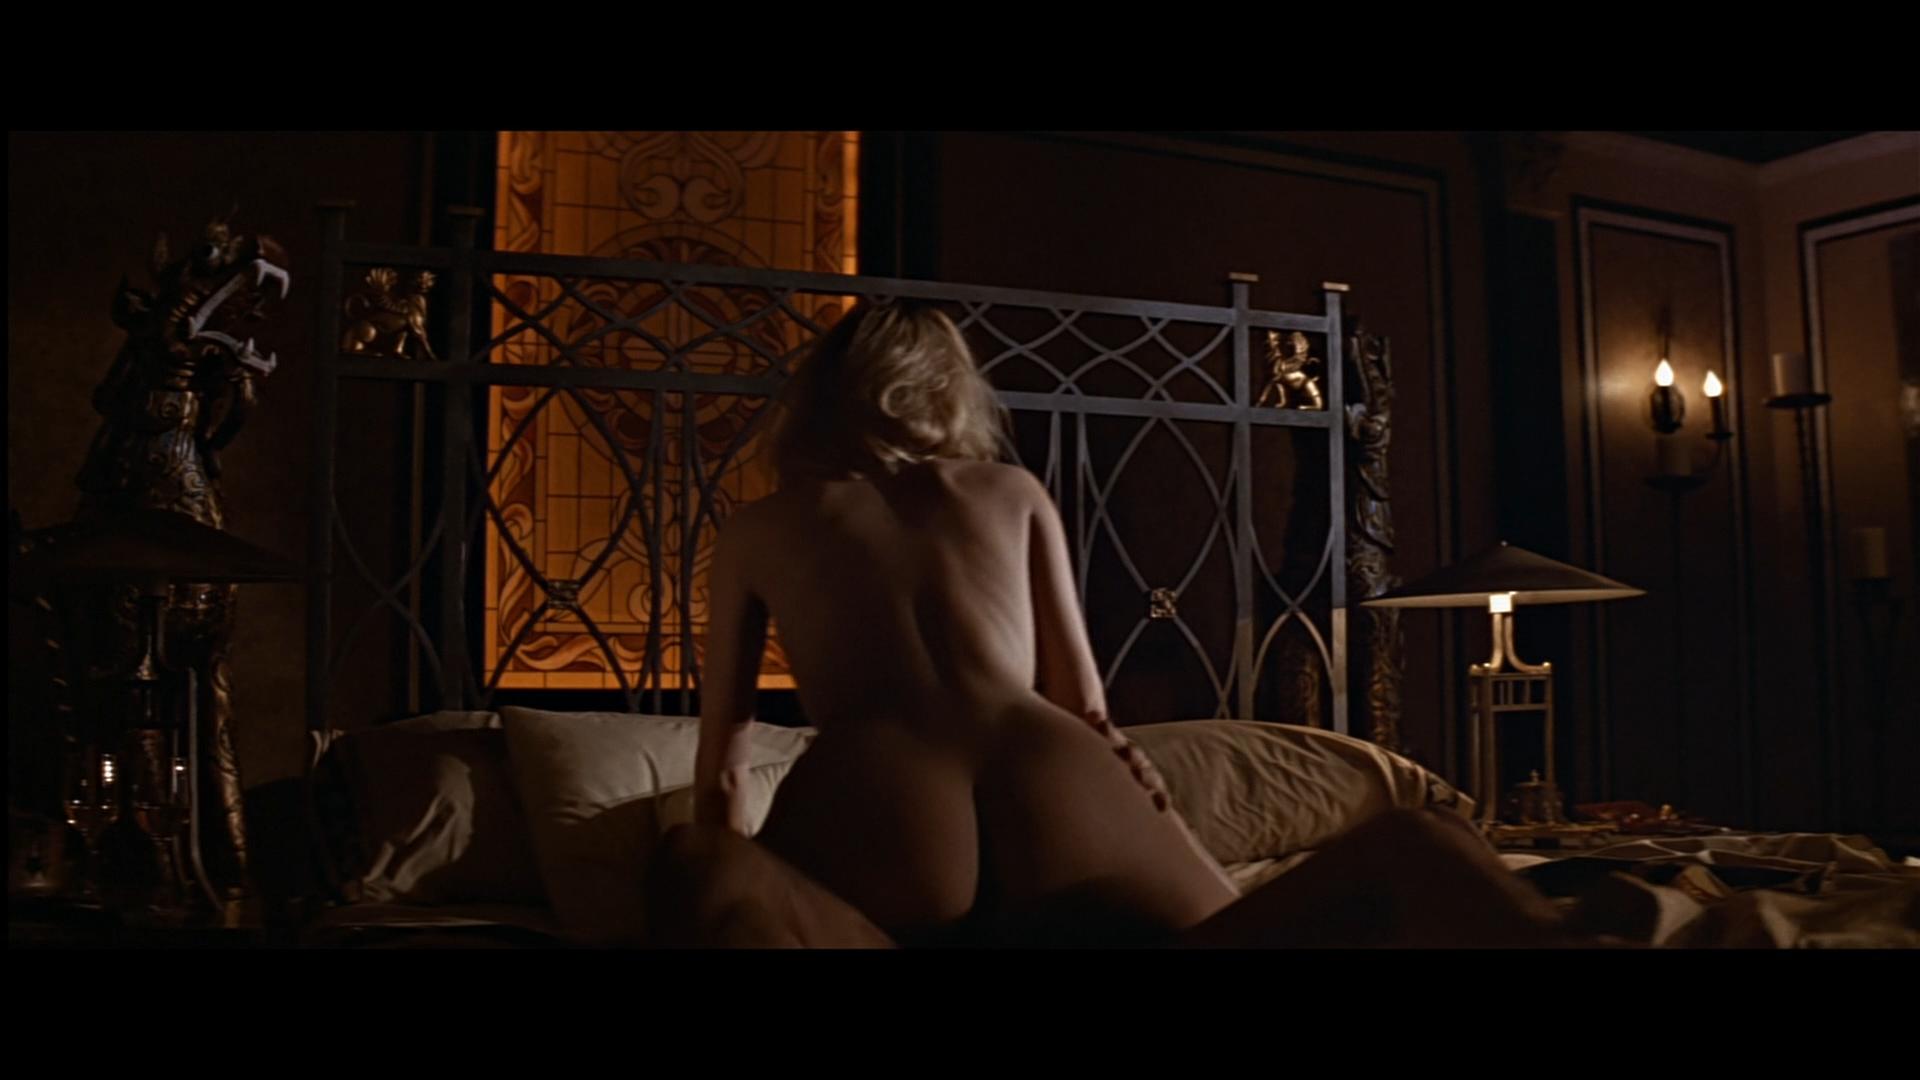 kino-uzhas-seksualniy